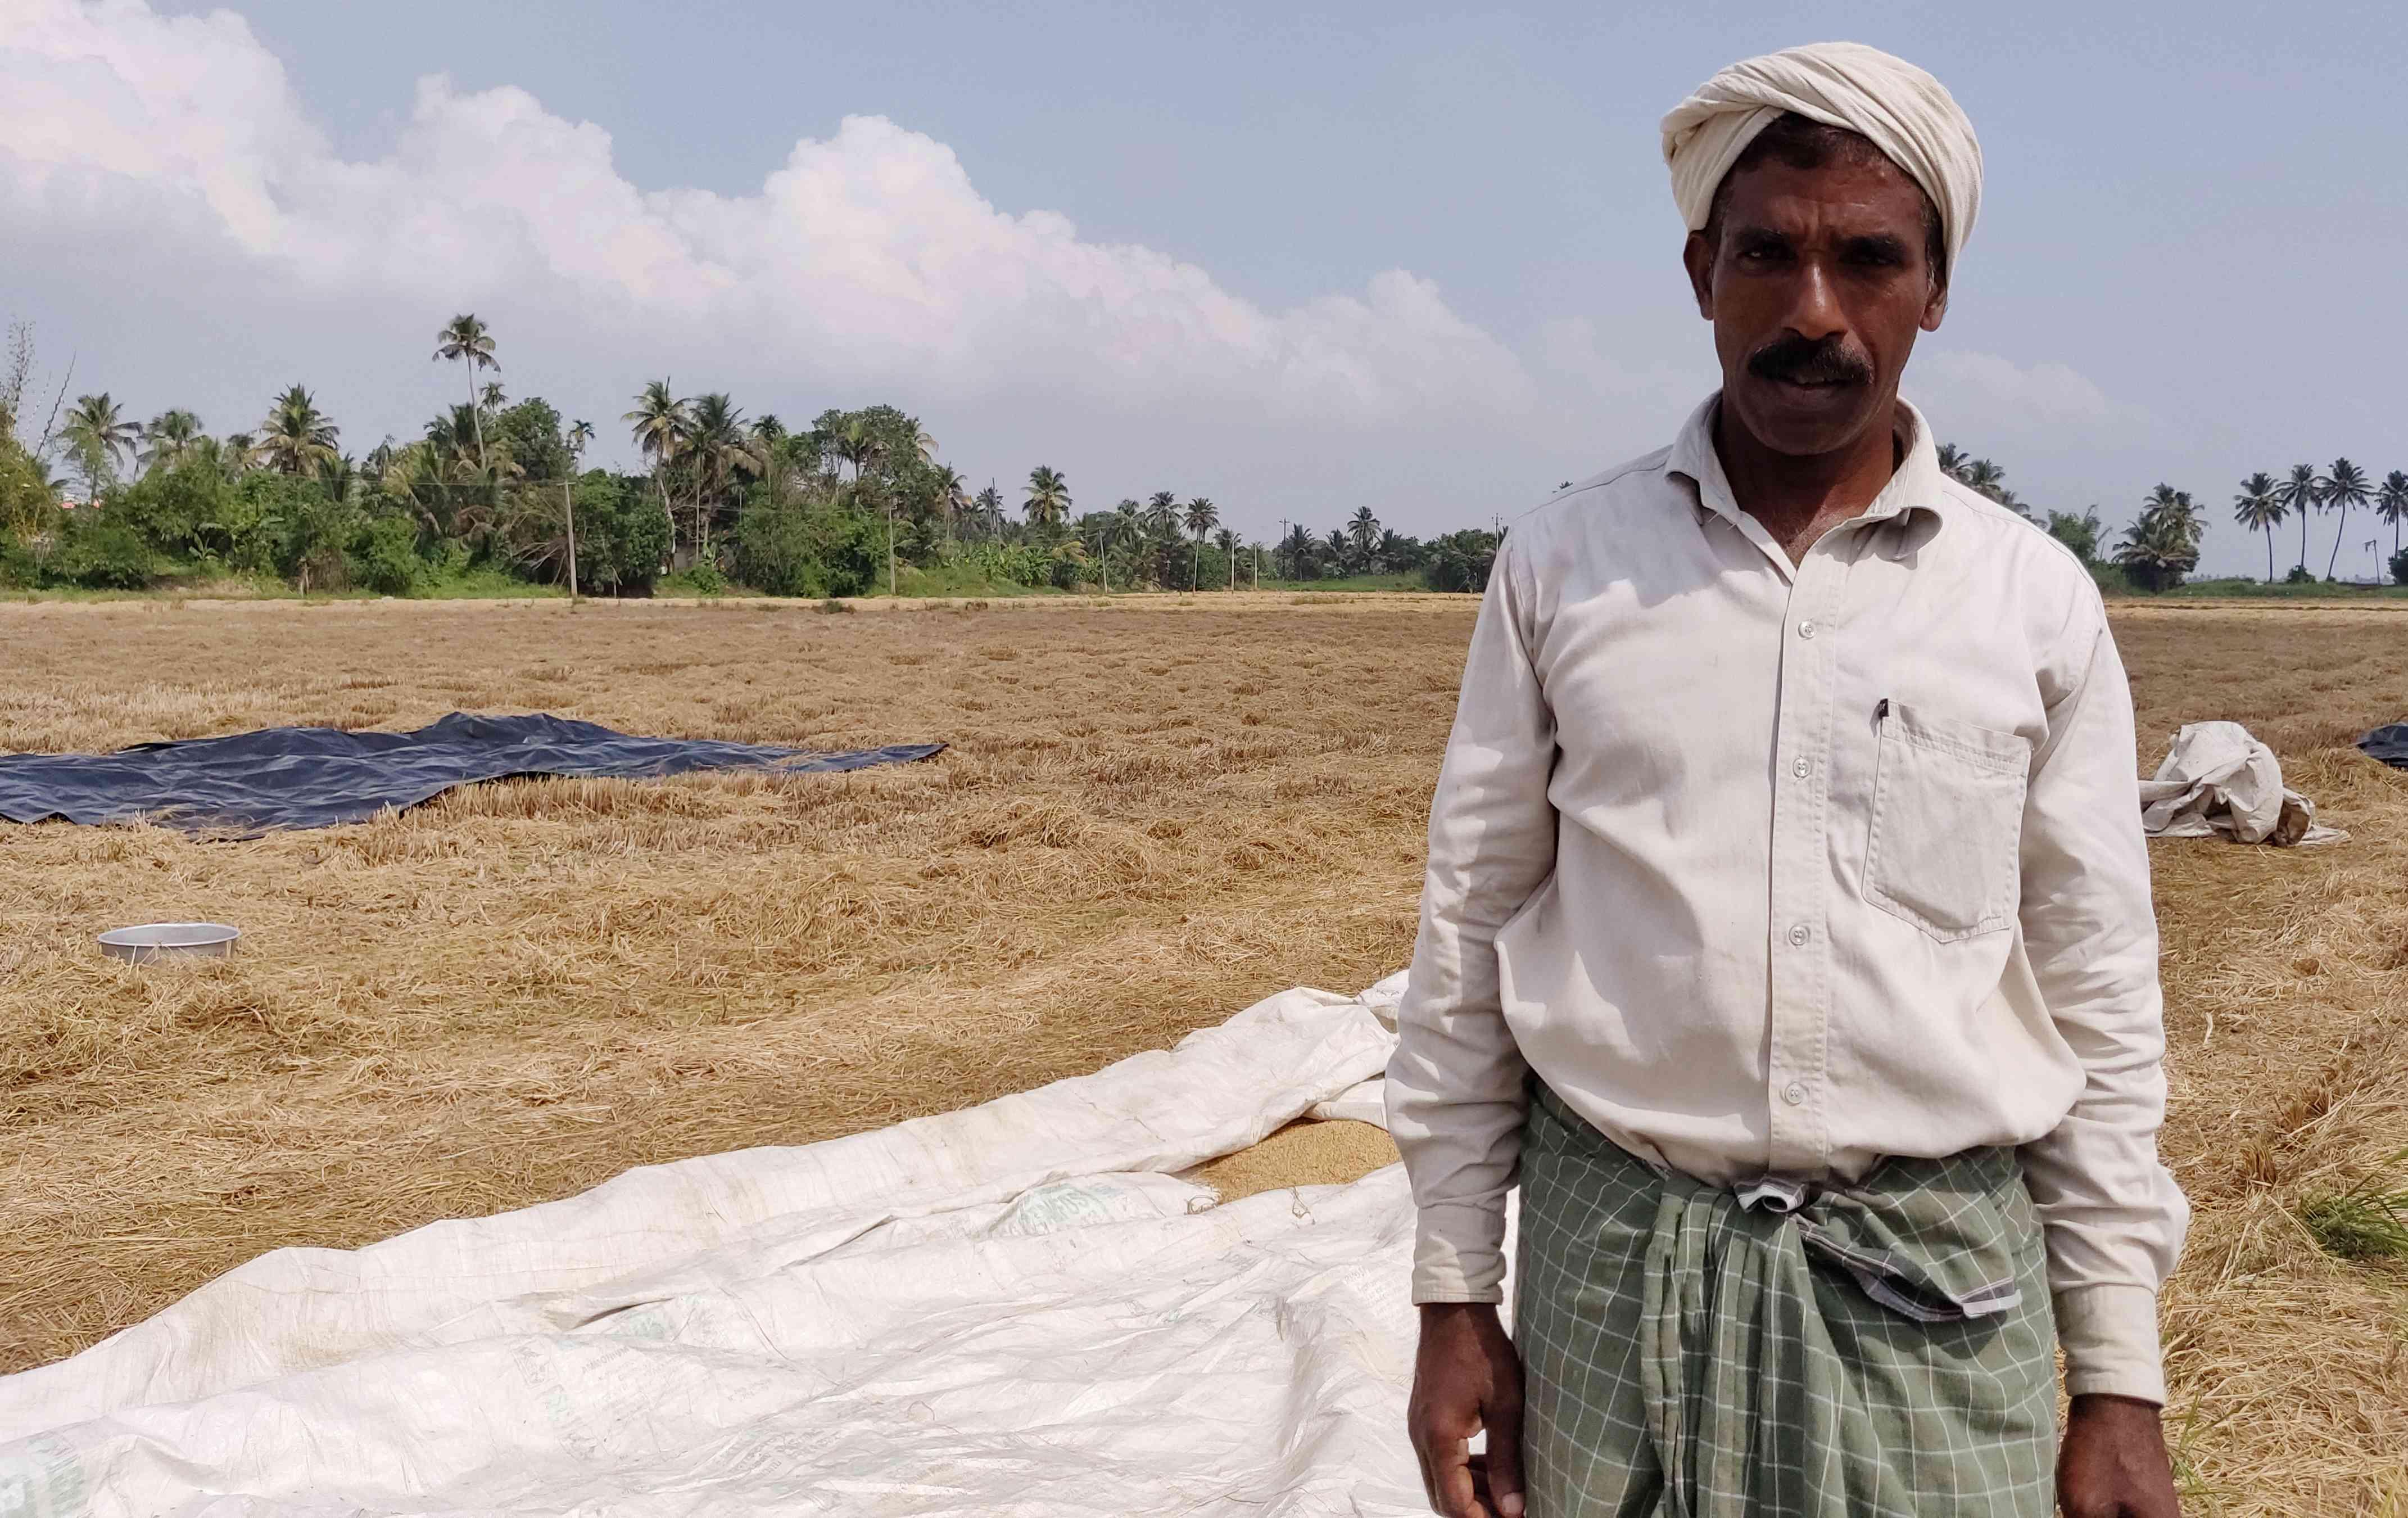 Babu Alakkad in his paddy field in Kainakaray, Kuttanad. Photo credit: TA Ameerudheen